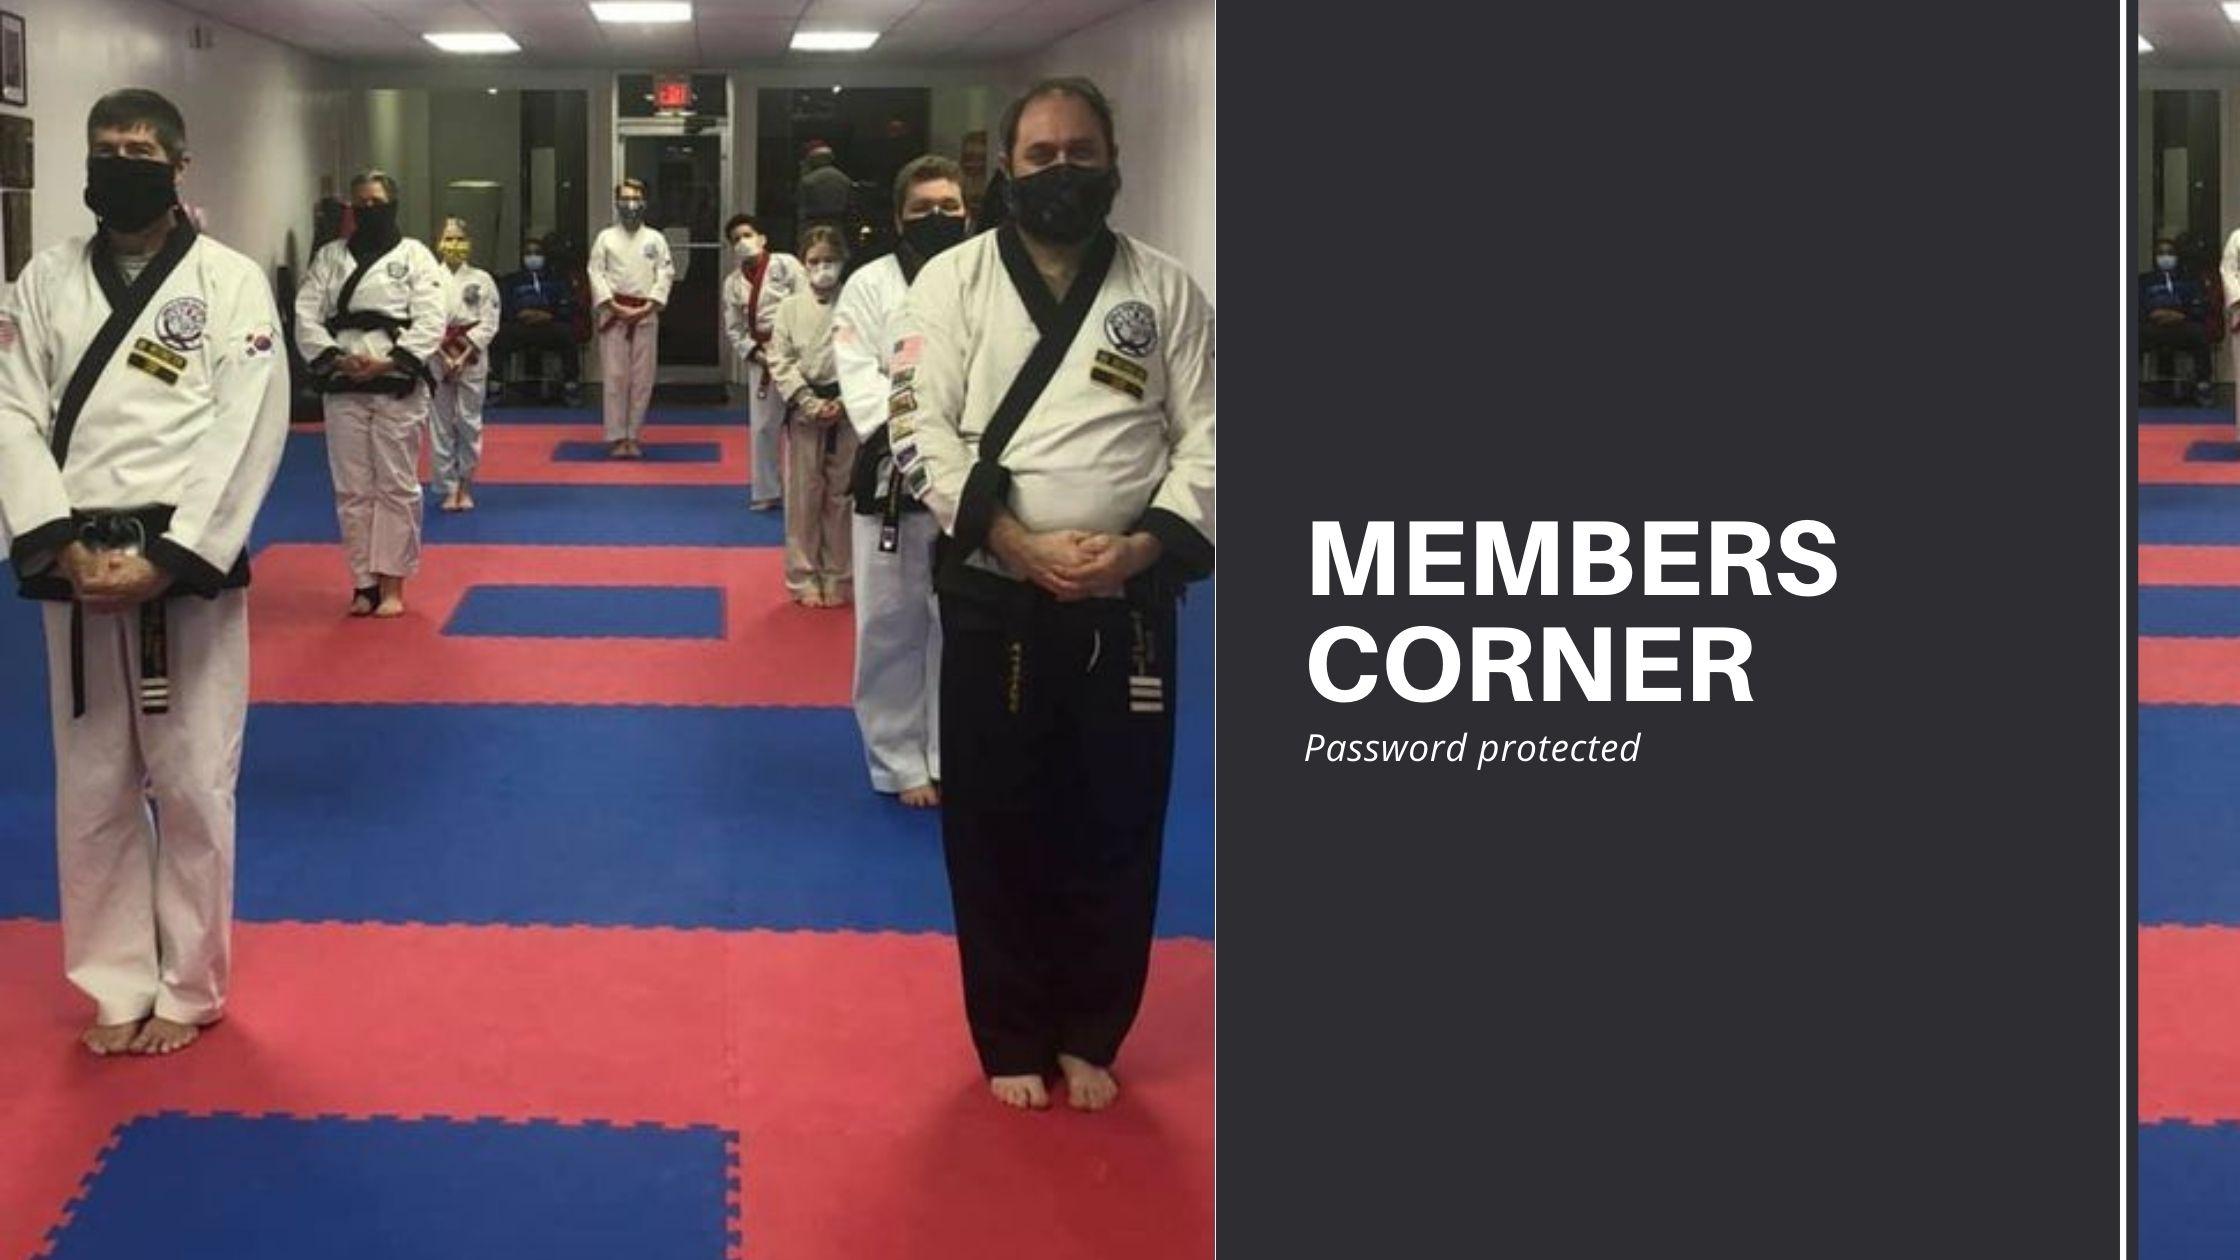 Members Corner